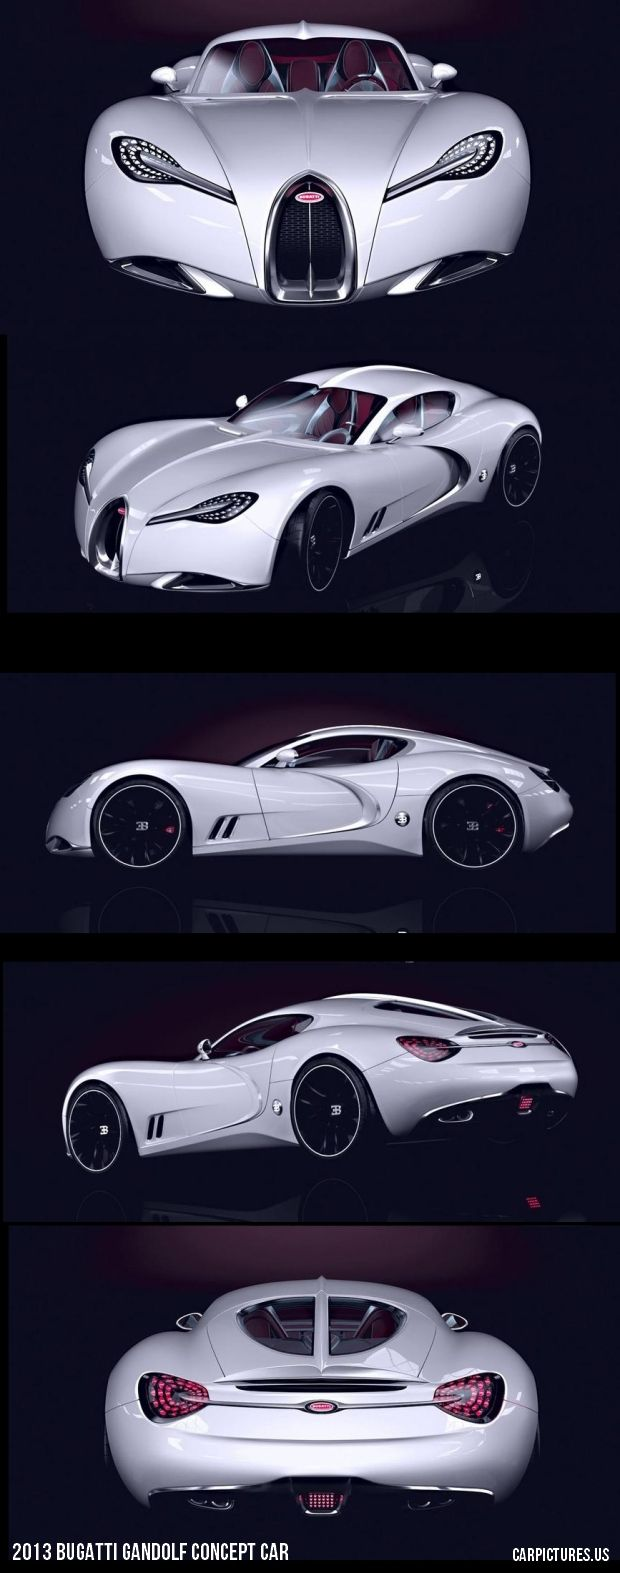 2013 Bugatti Gandolf Concept Car - whoa!